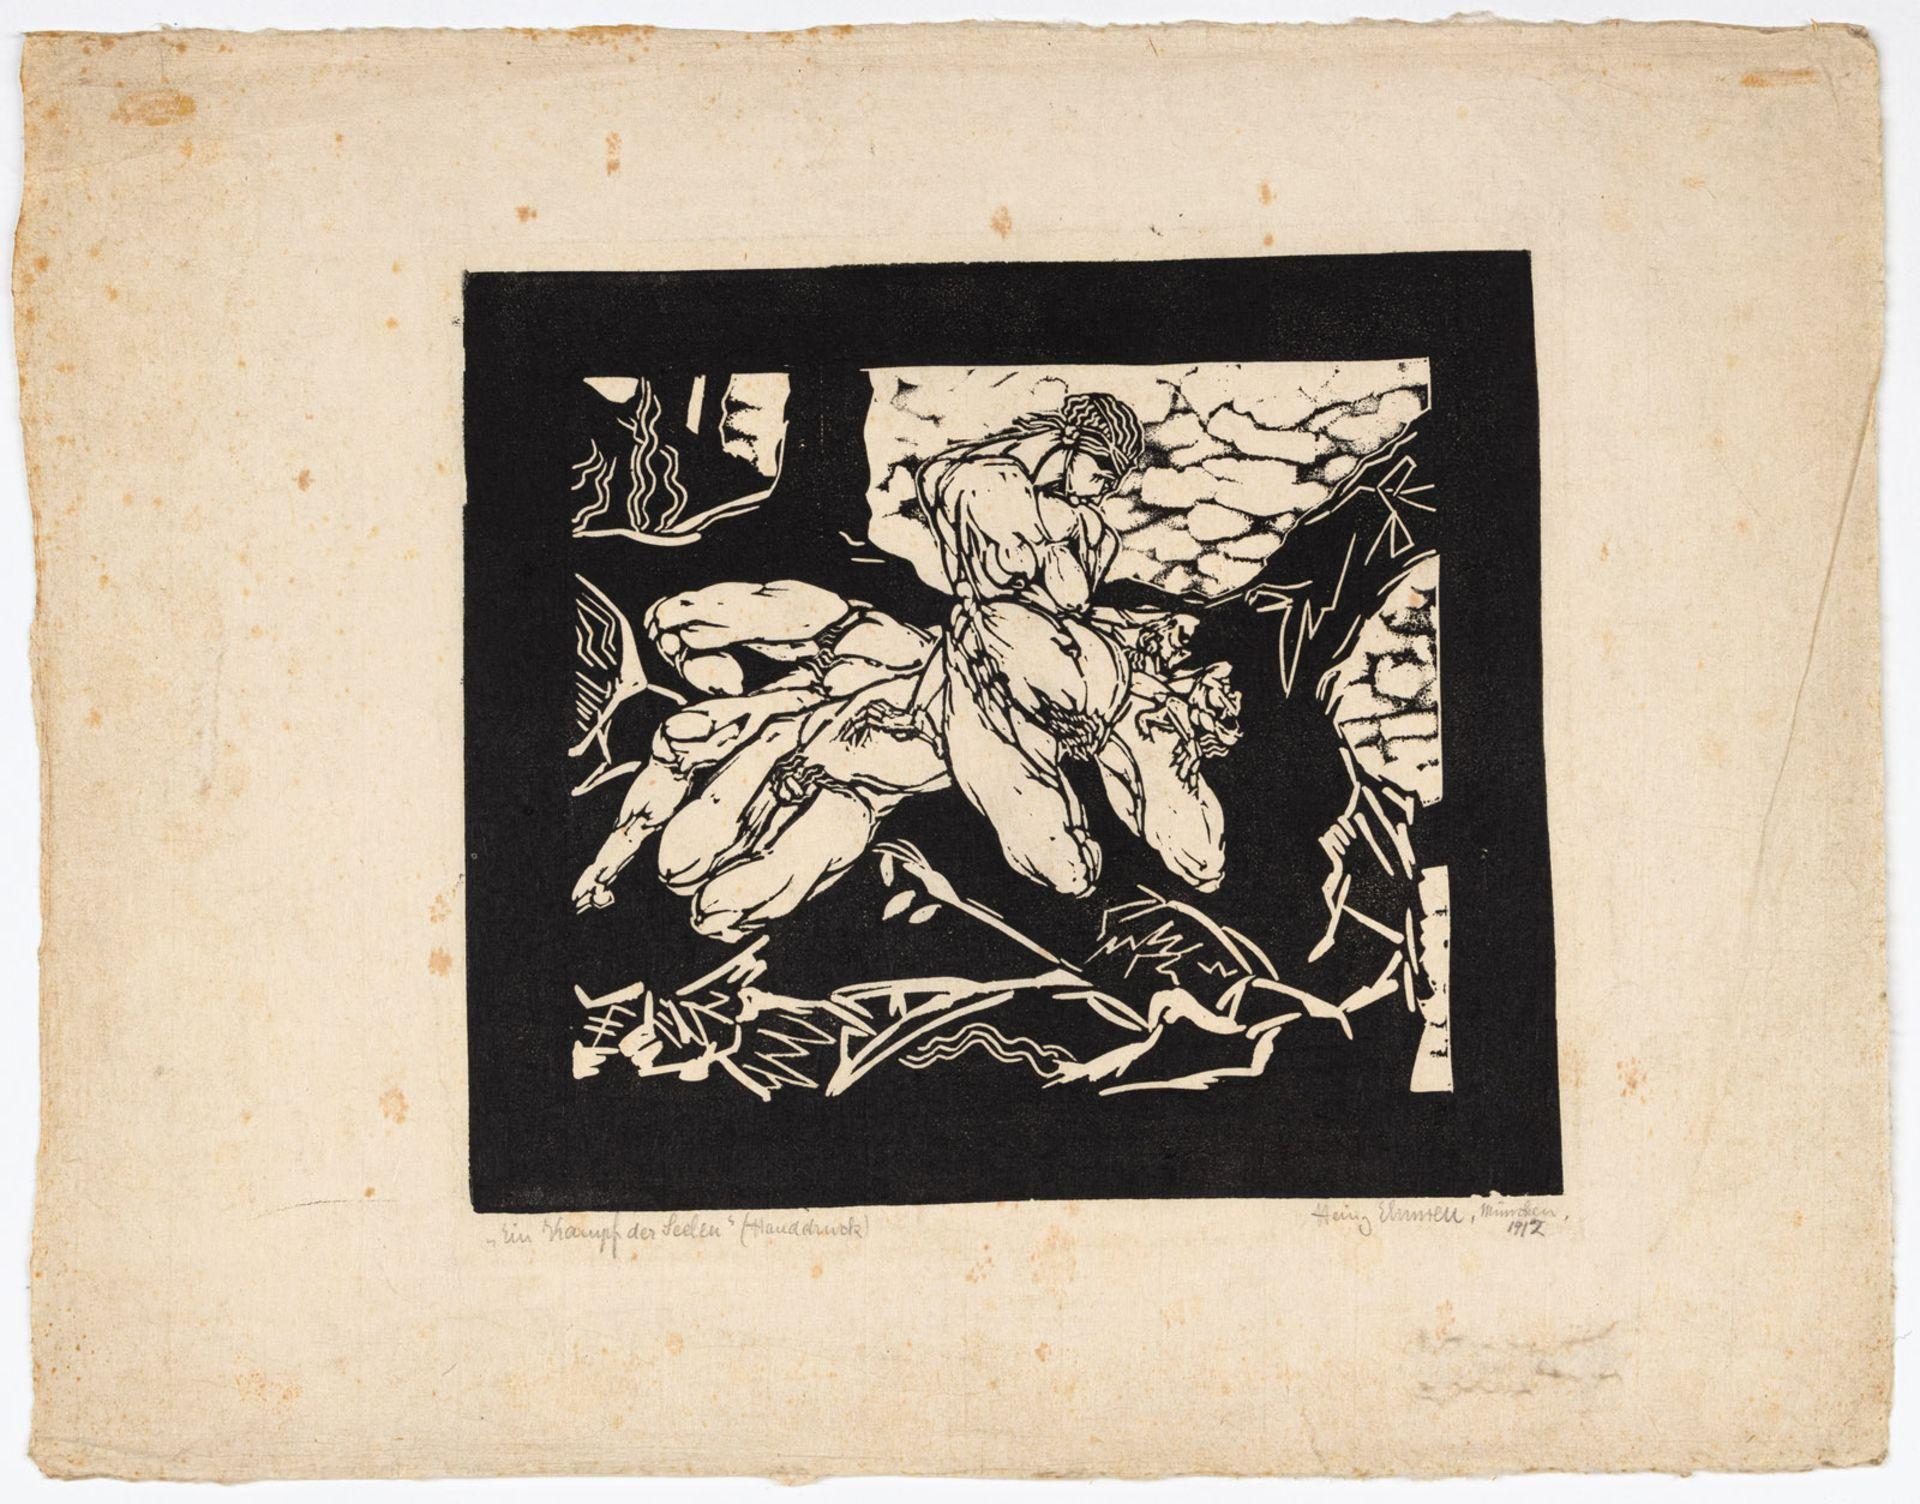 Ehmsen, Heinrich - Image 6 of 6